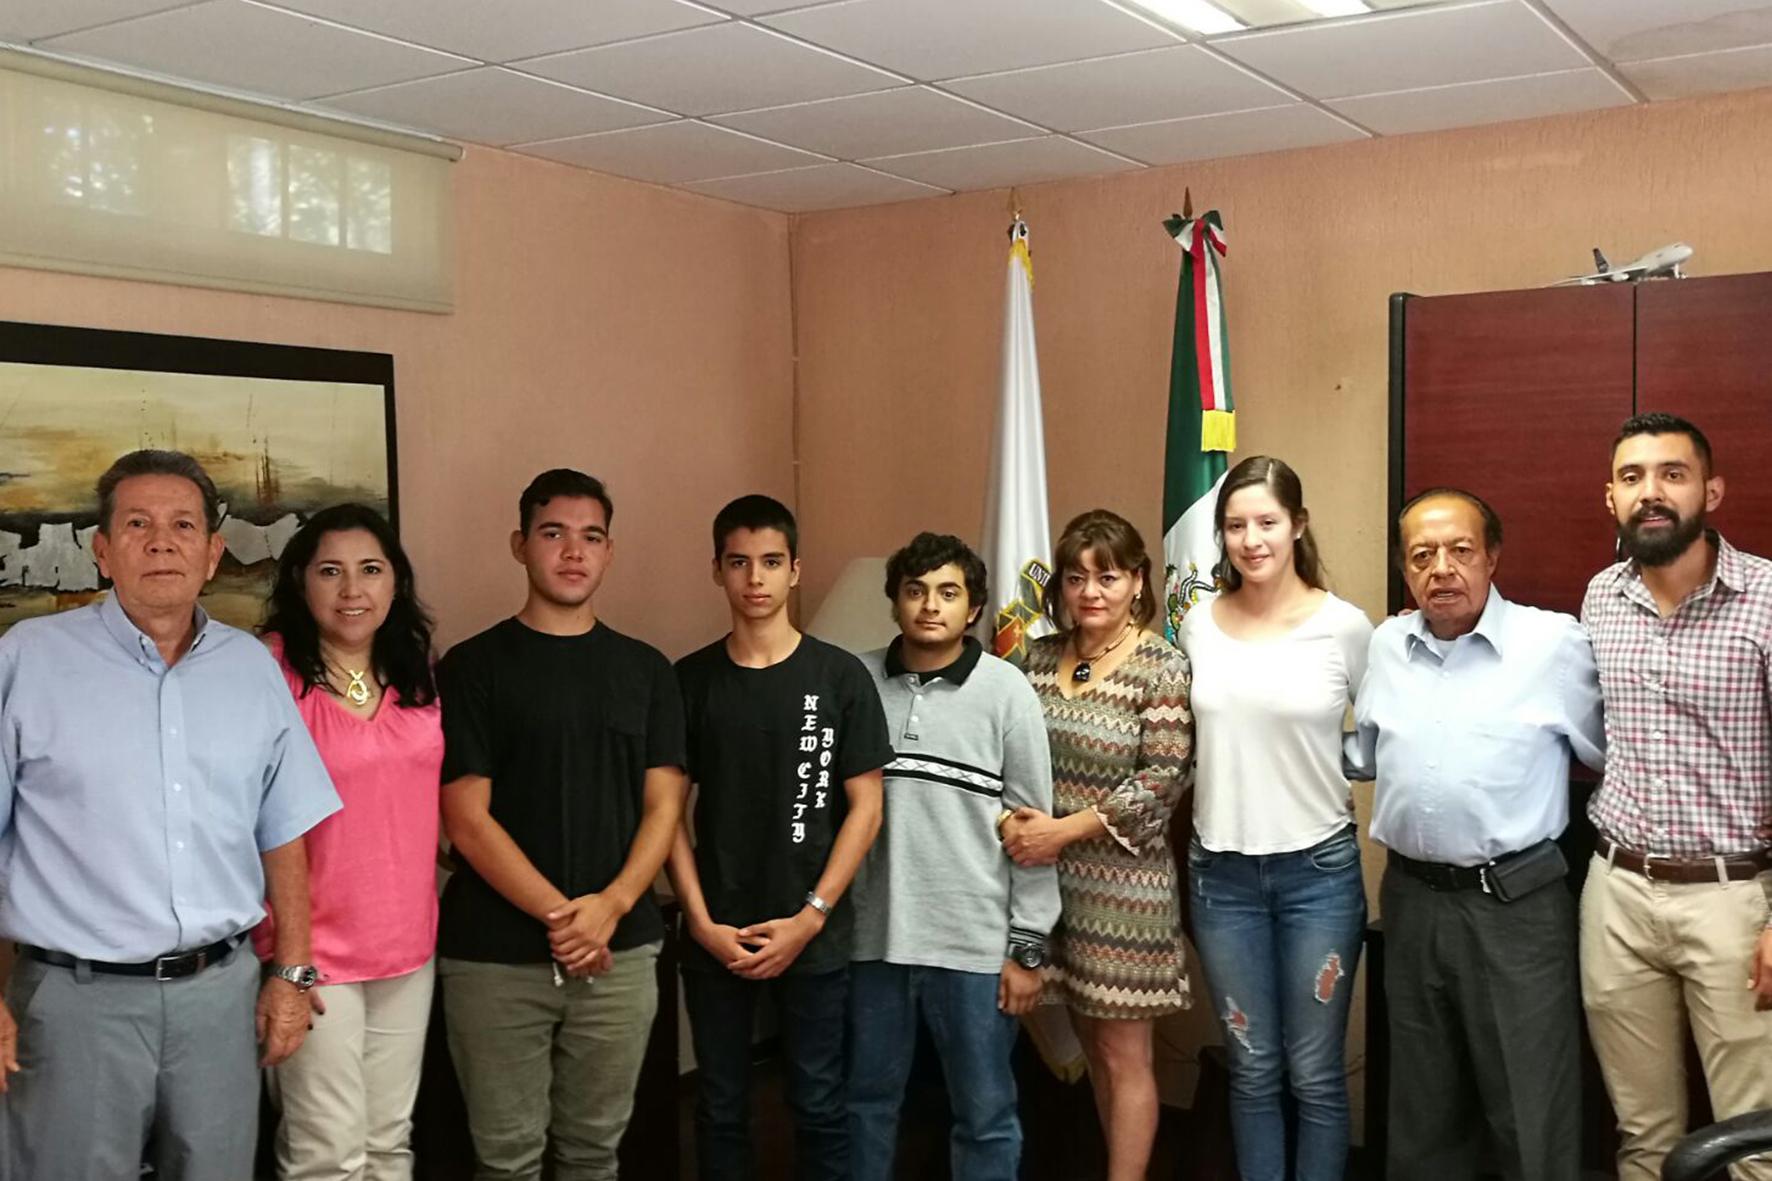 Alumnos de la Preparatoria 11 de la Universidad de Guadalajara (UdeG) obtuvieron el primer lugar en la categoría grupal para jóvenes mayores de 14 años en el 6th Annual Global Invent It Challenge.